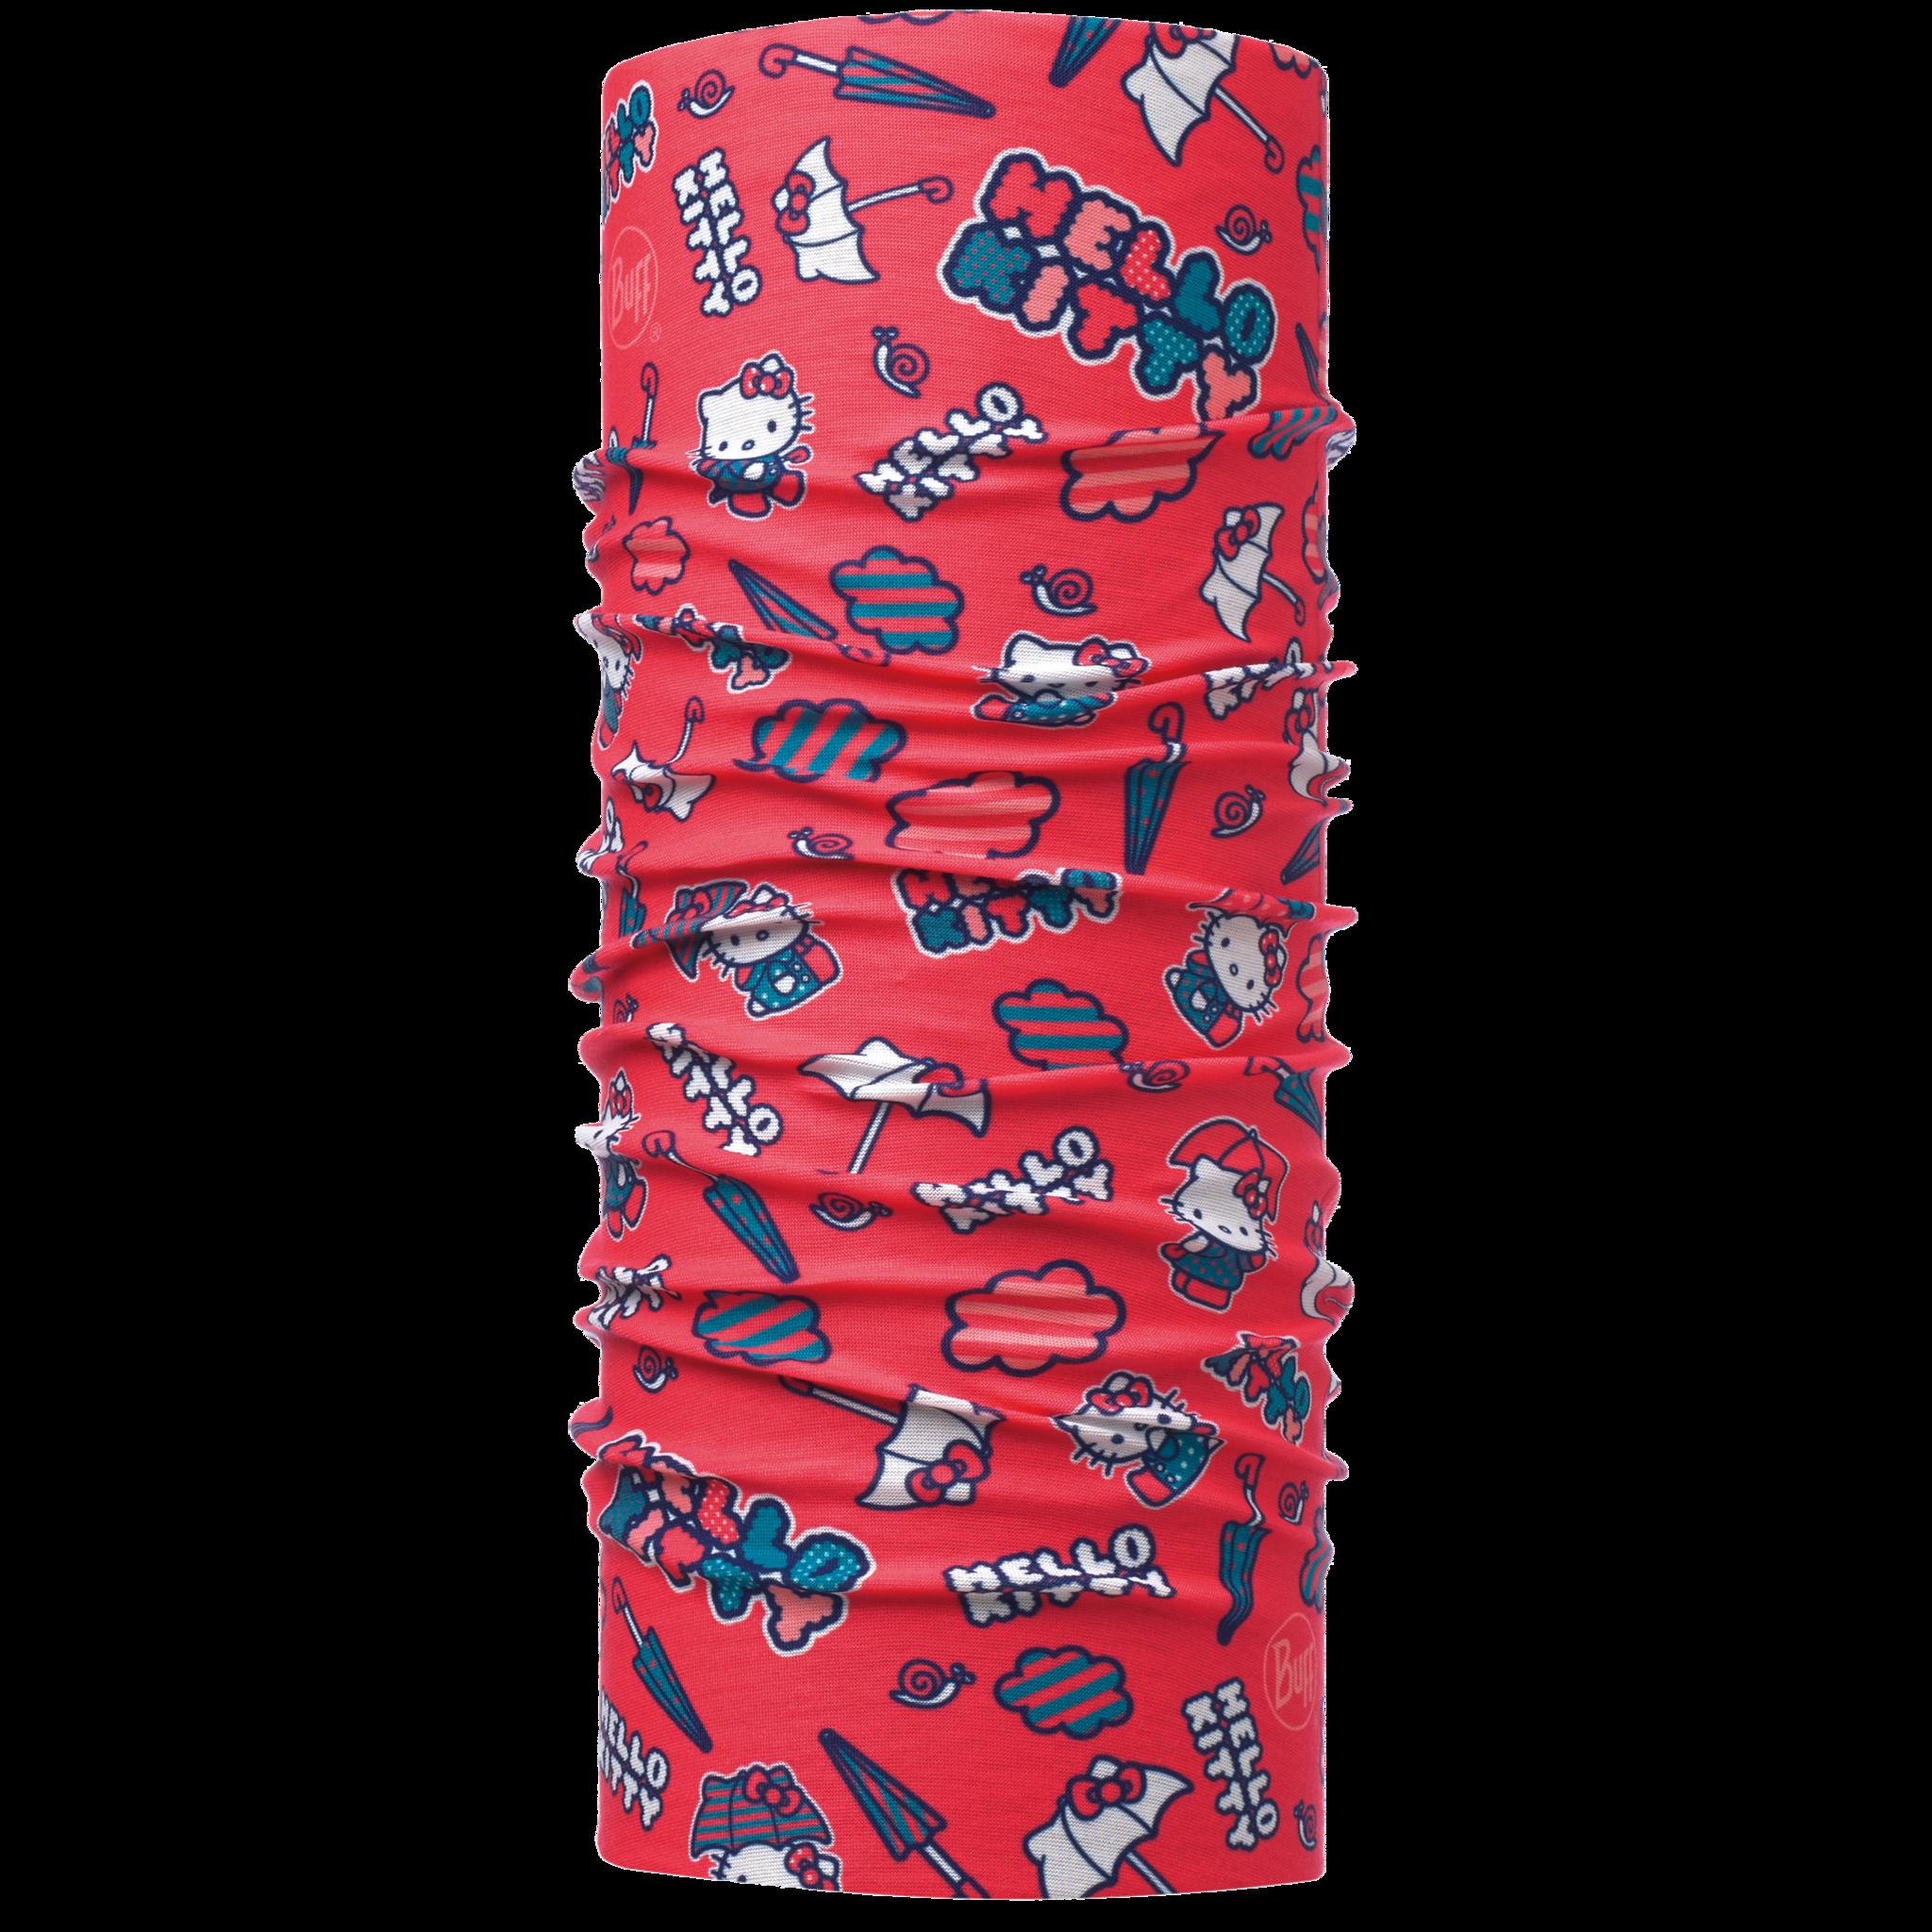 Детские банданы Многофункциональная бандана-трансформер детская Buff Umbrella Coral Red 115419.423.10.png